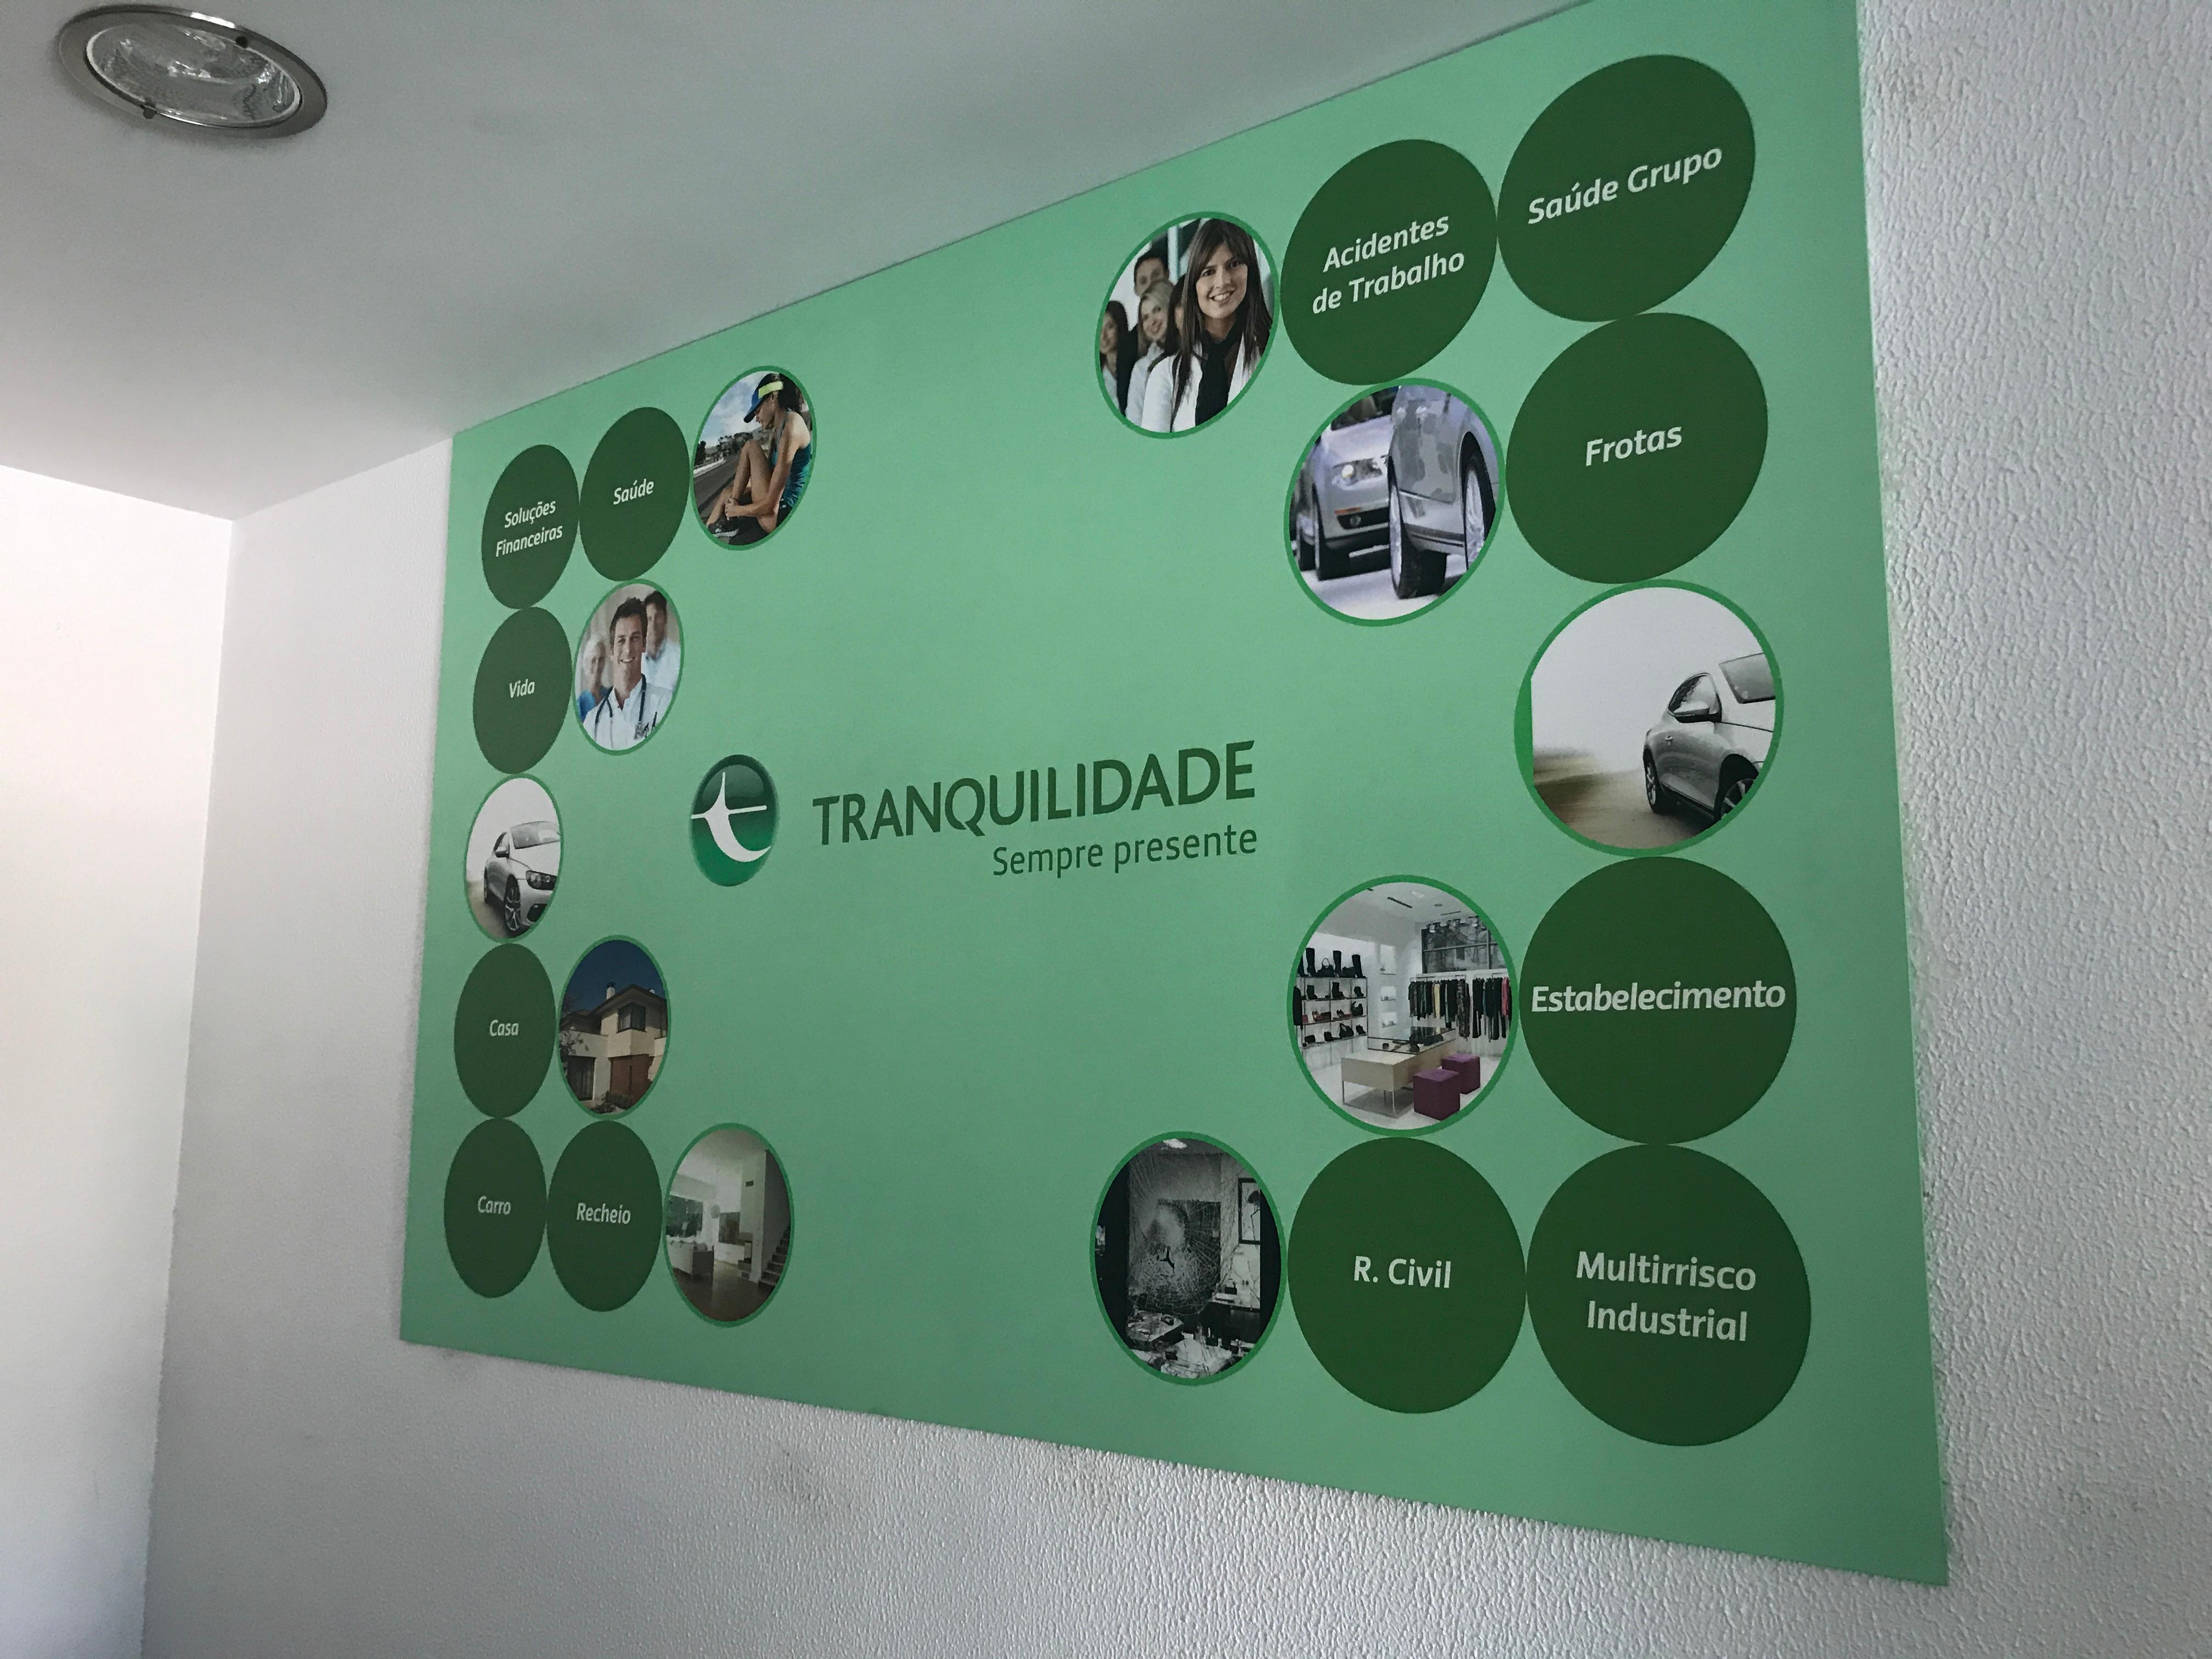 TRANQUILIDADE: Agente Tiago André Dias Magalhães